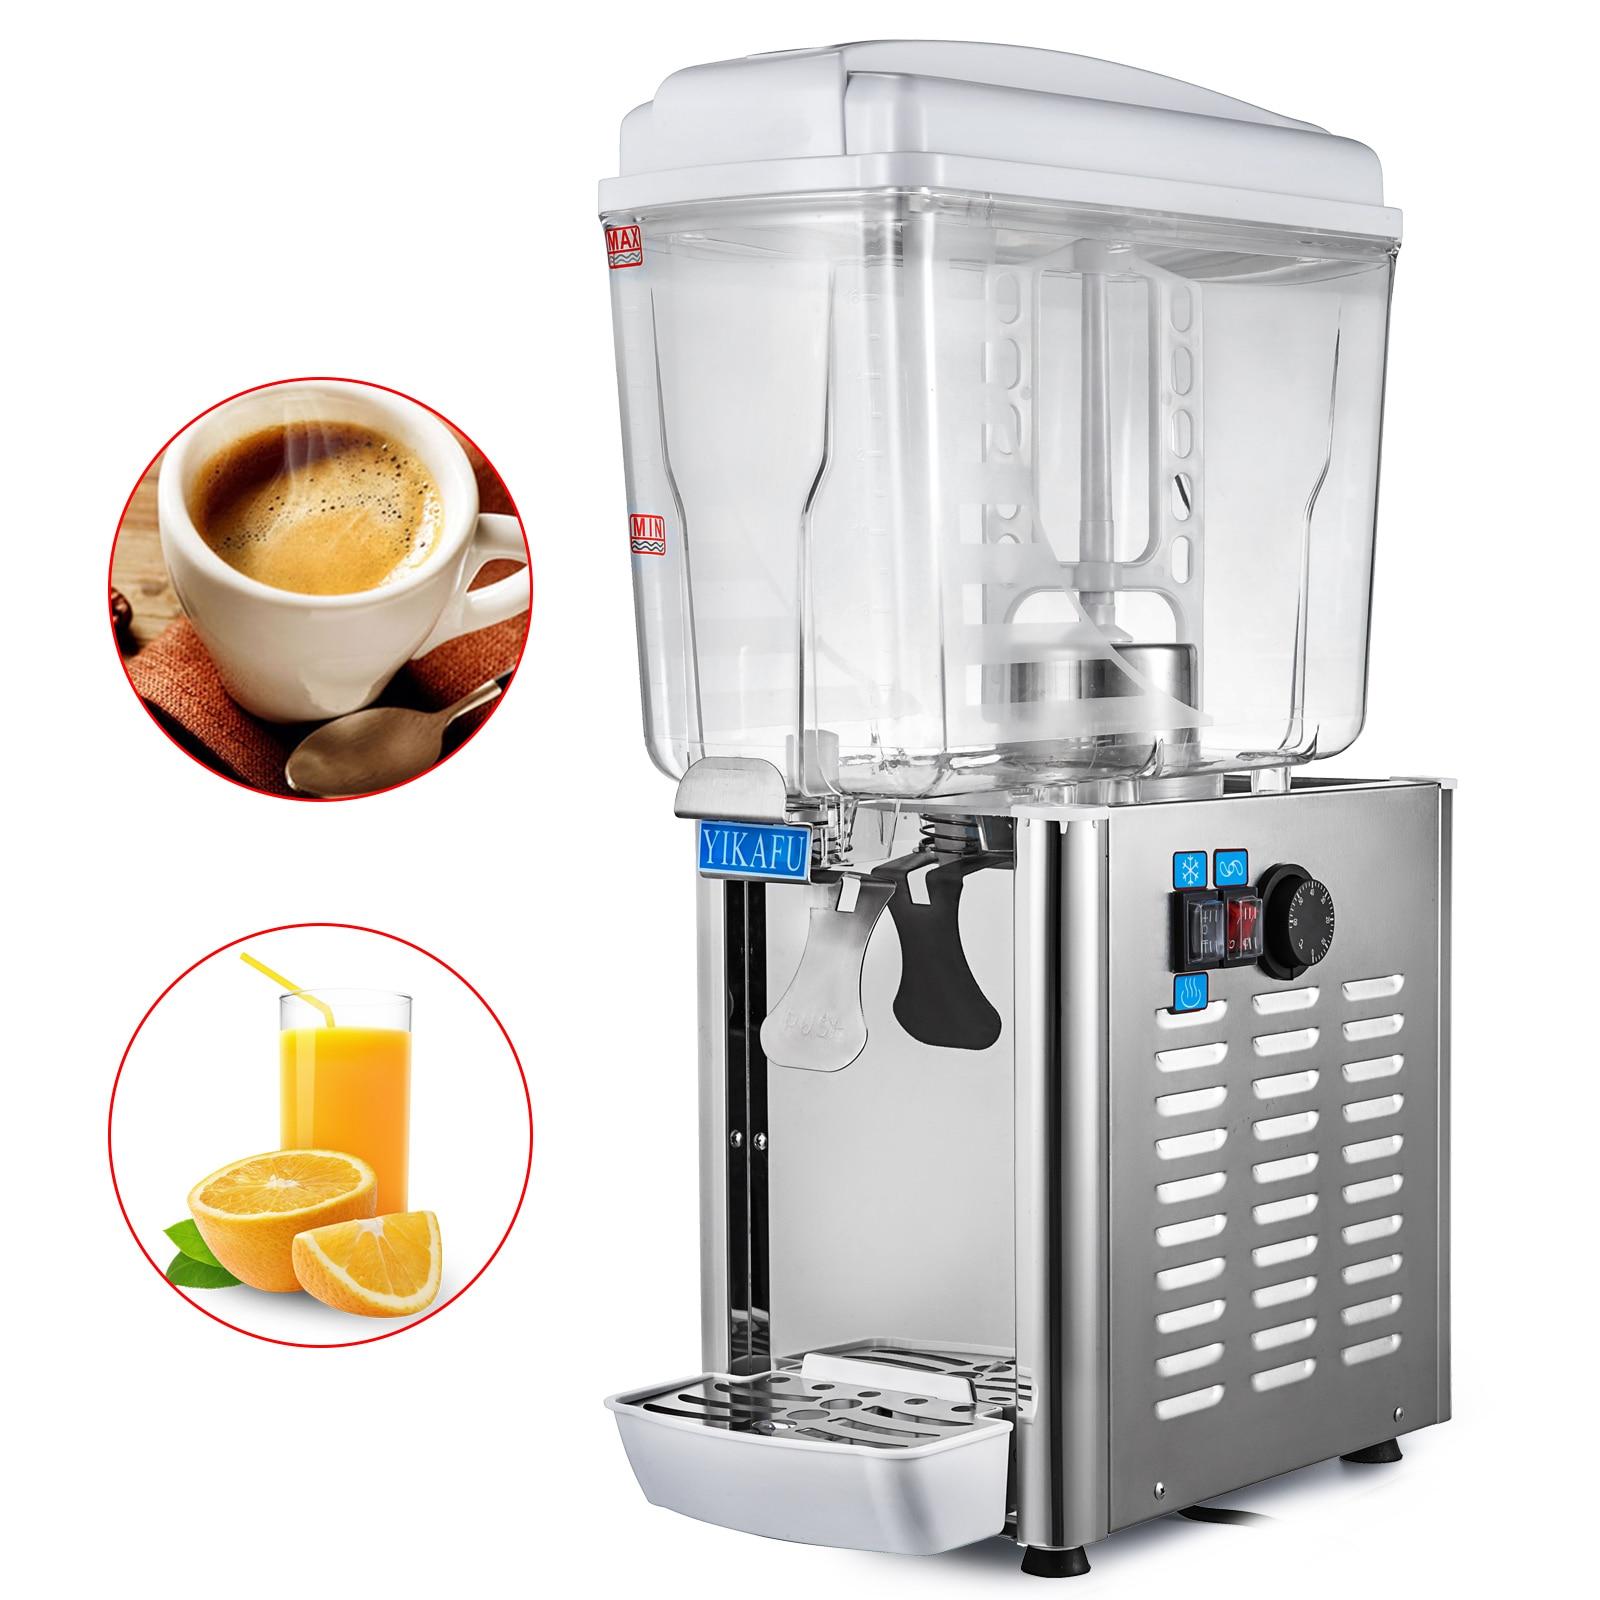 Heating Tempareture  Commercial 18L 4.75Gal Hot Cold Drink Juice Dispenser Beverage Milk Juicer